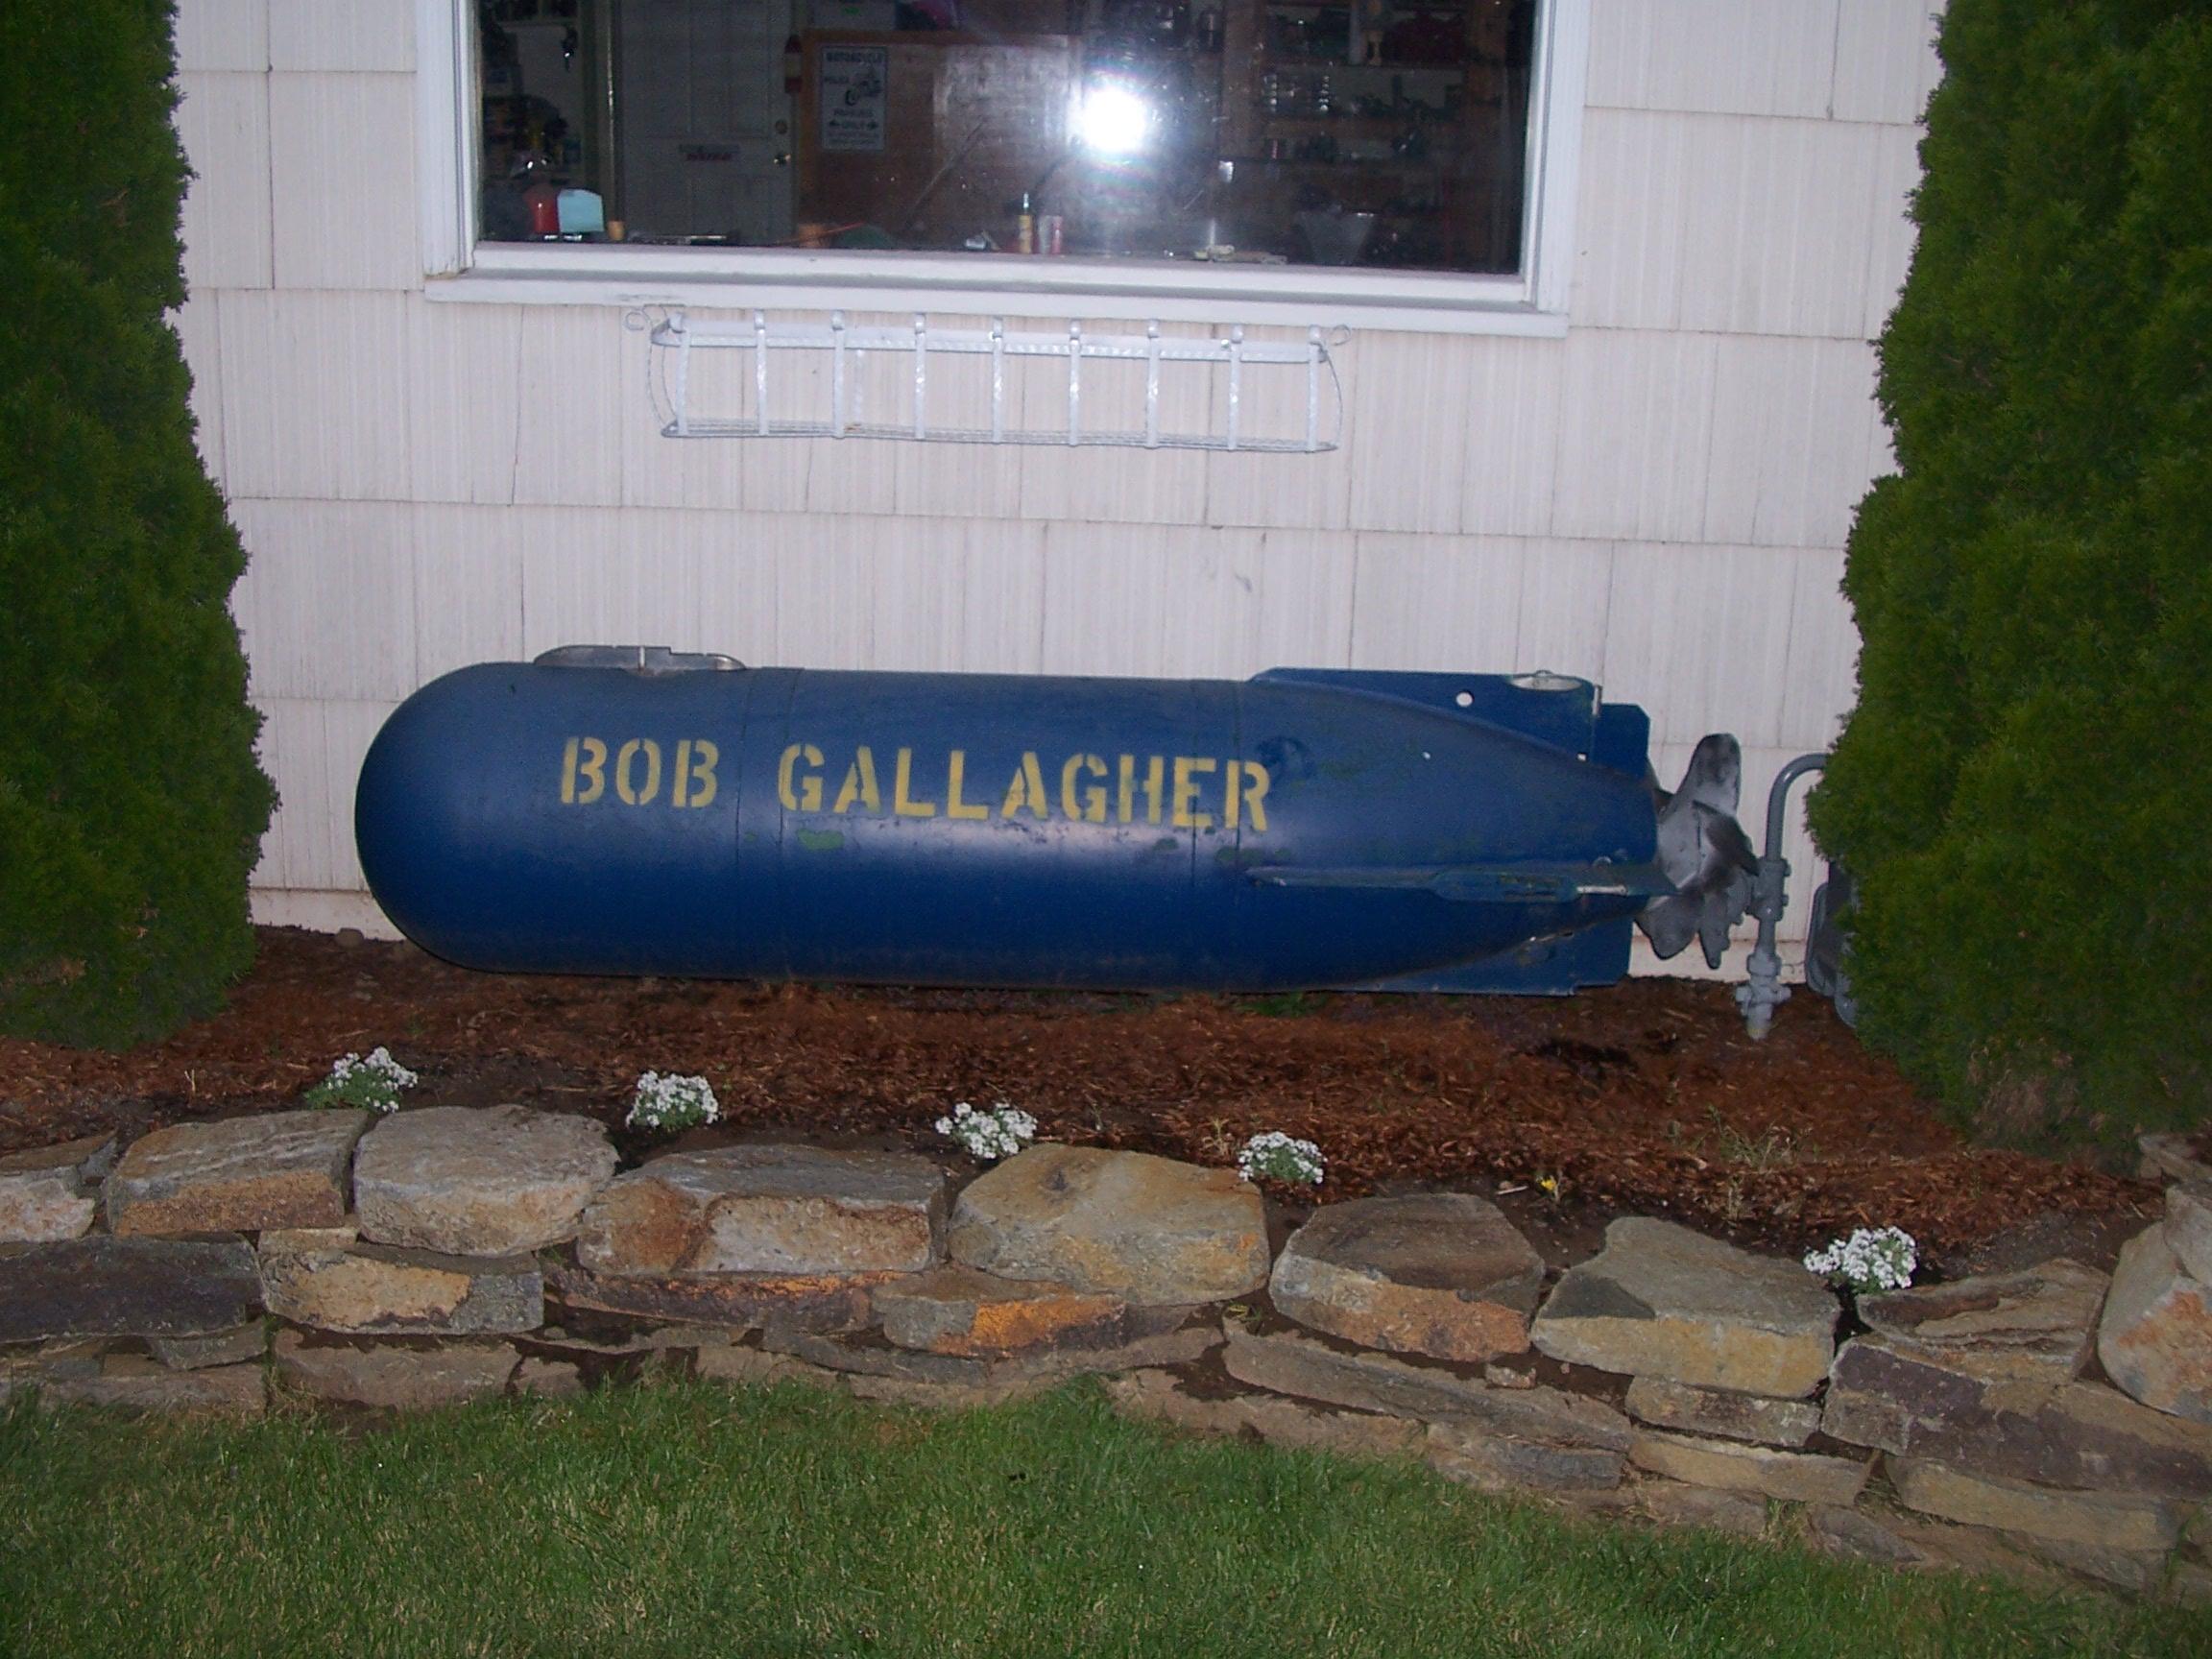 Bob Gallagher